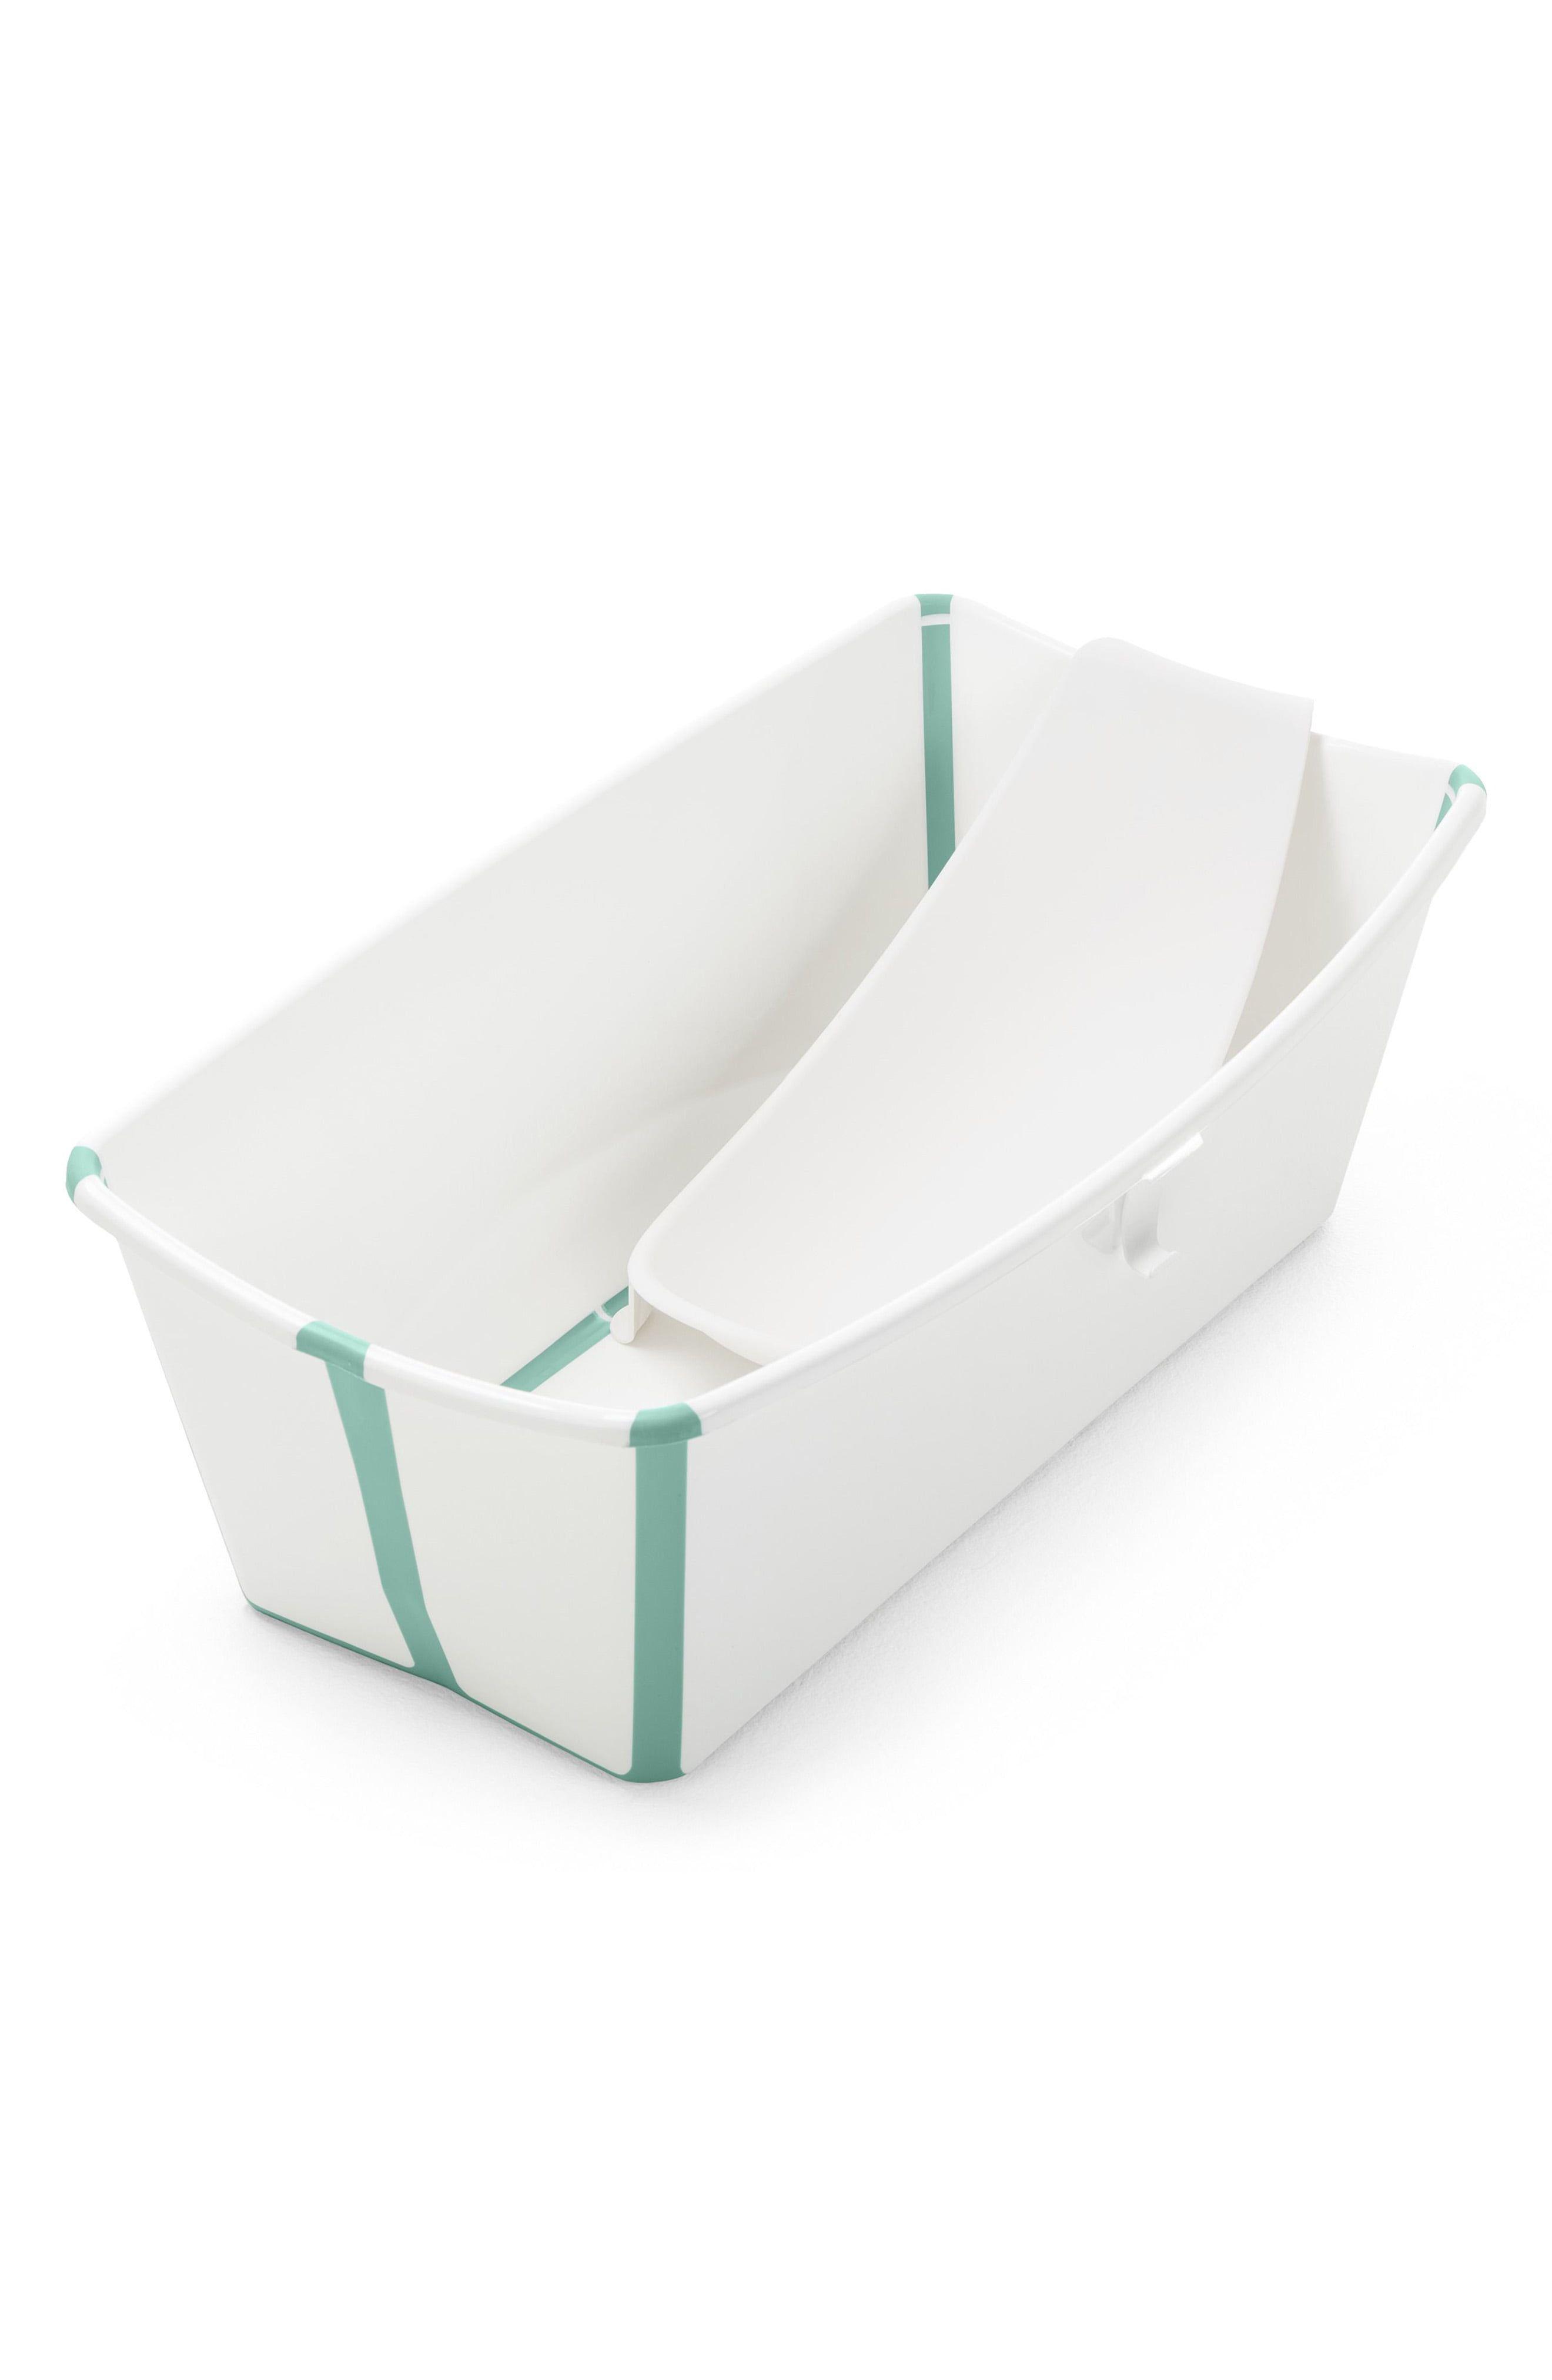 Stokke Flexi Bath Foldable Baby Bath Tub With Temperature Plug Infant Insert Bathtub Tub Bath Support